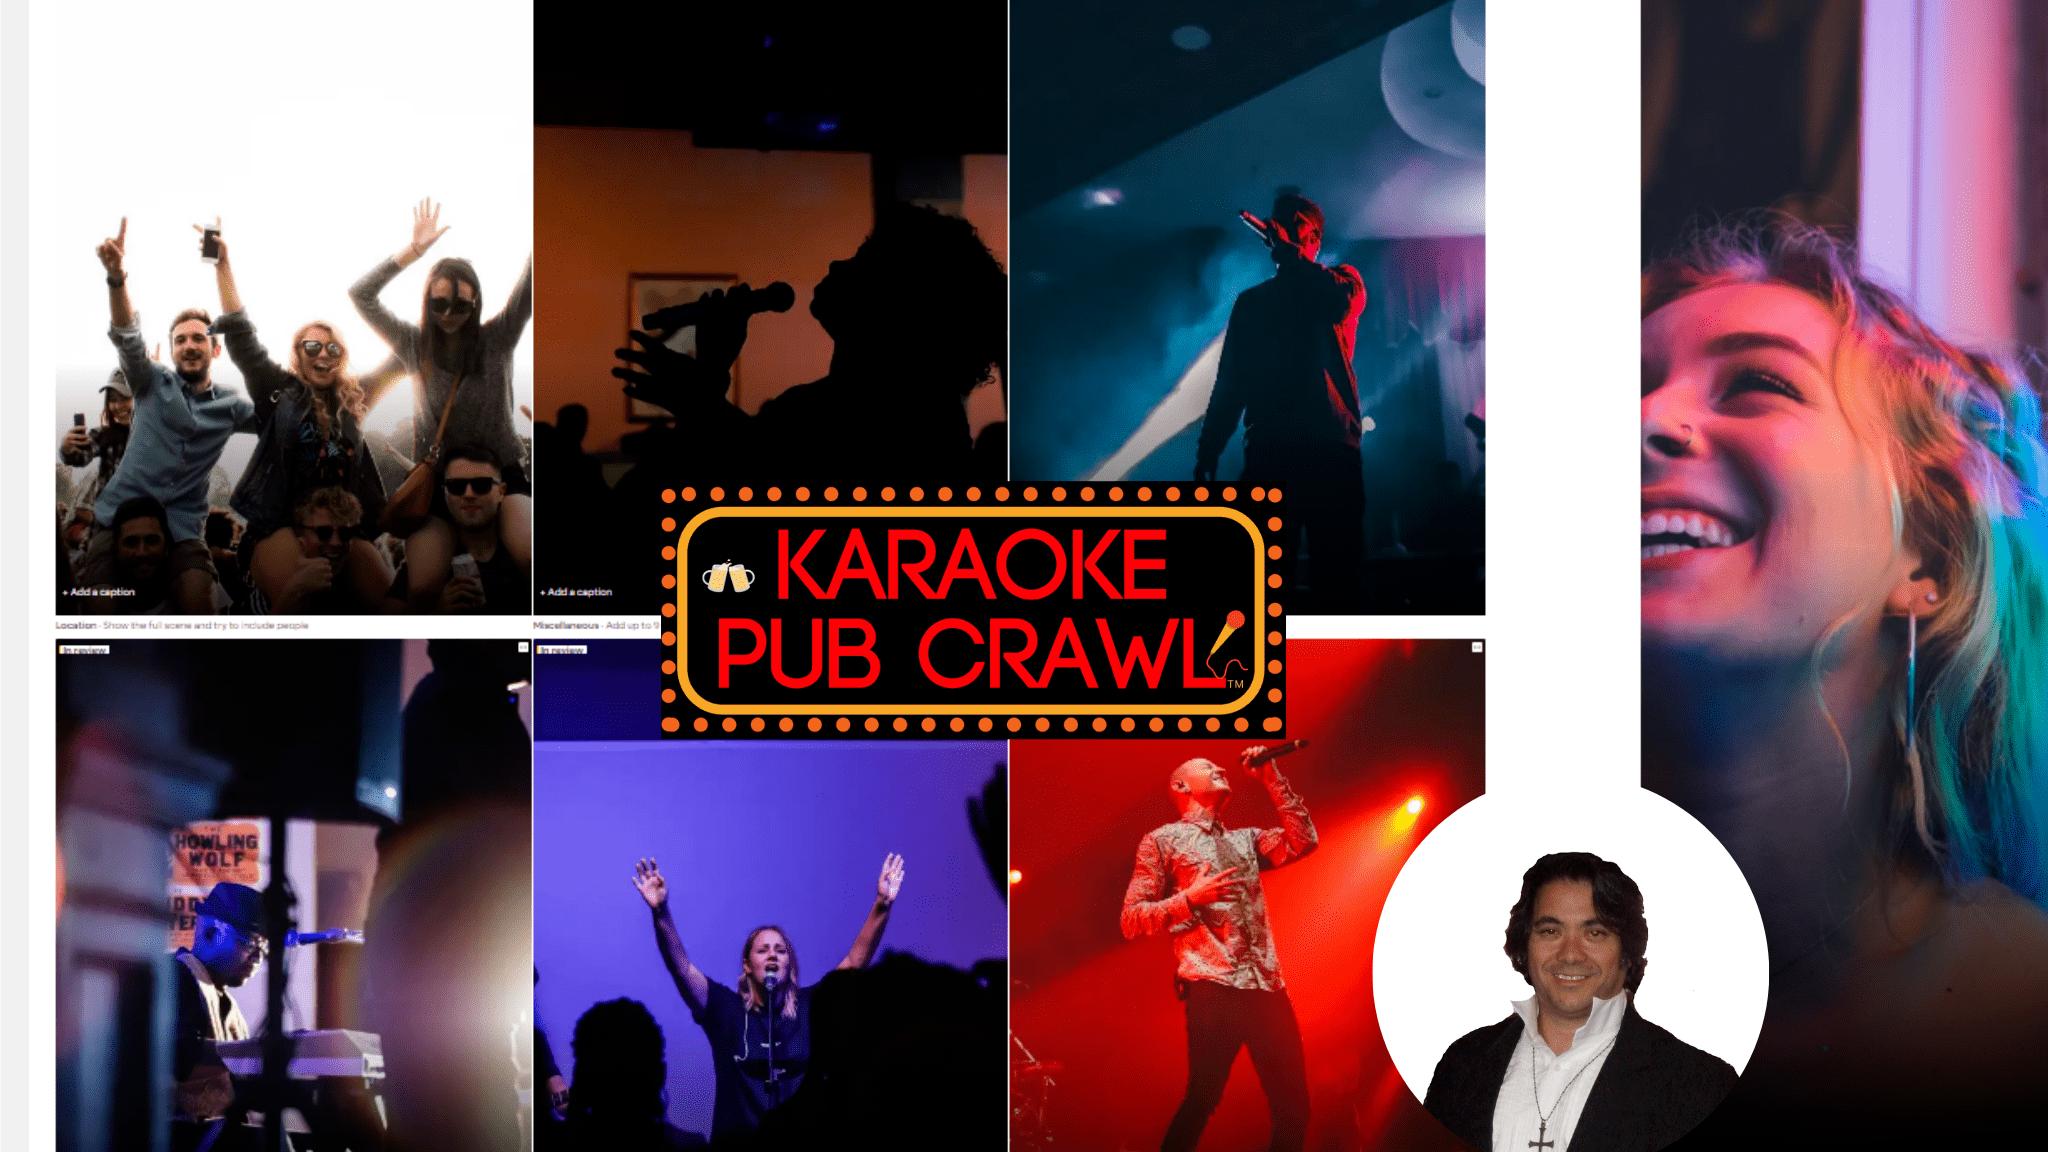 Best Karaoke bars in NYC